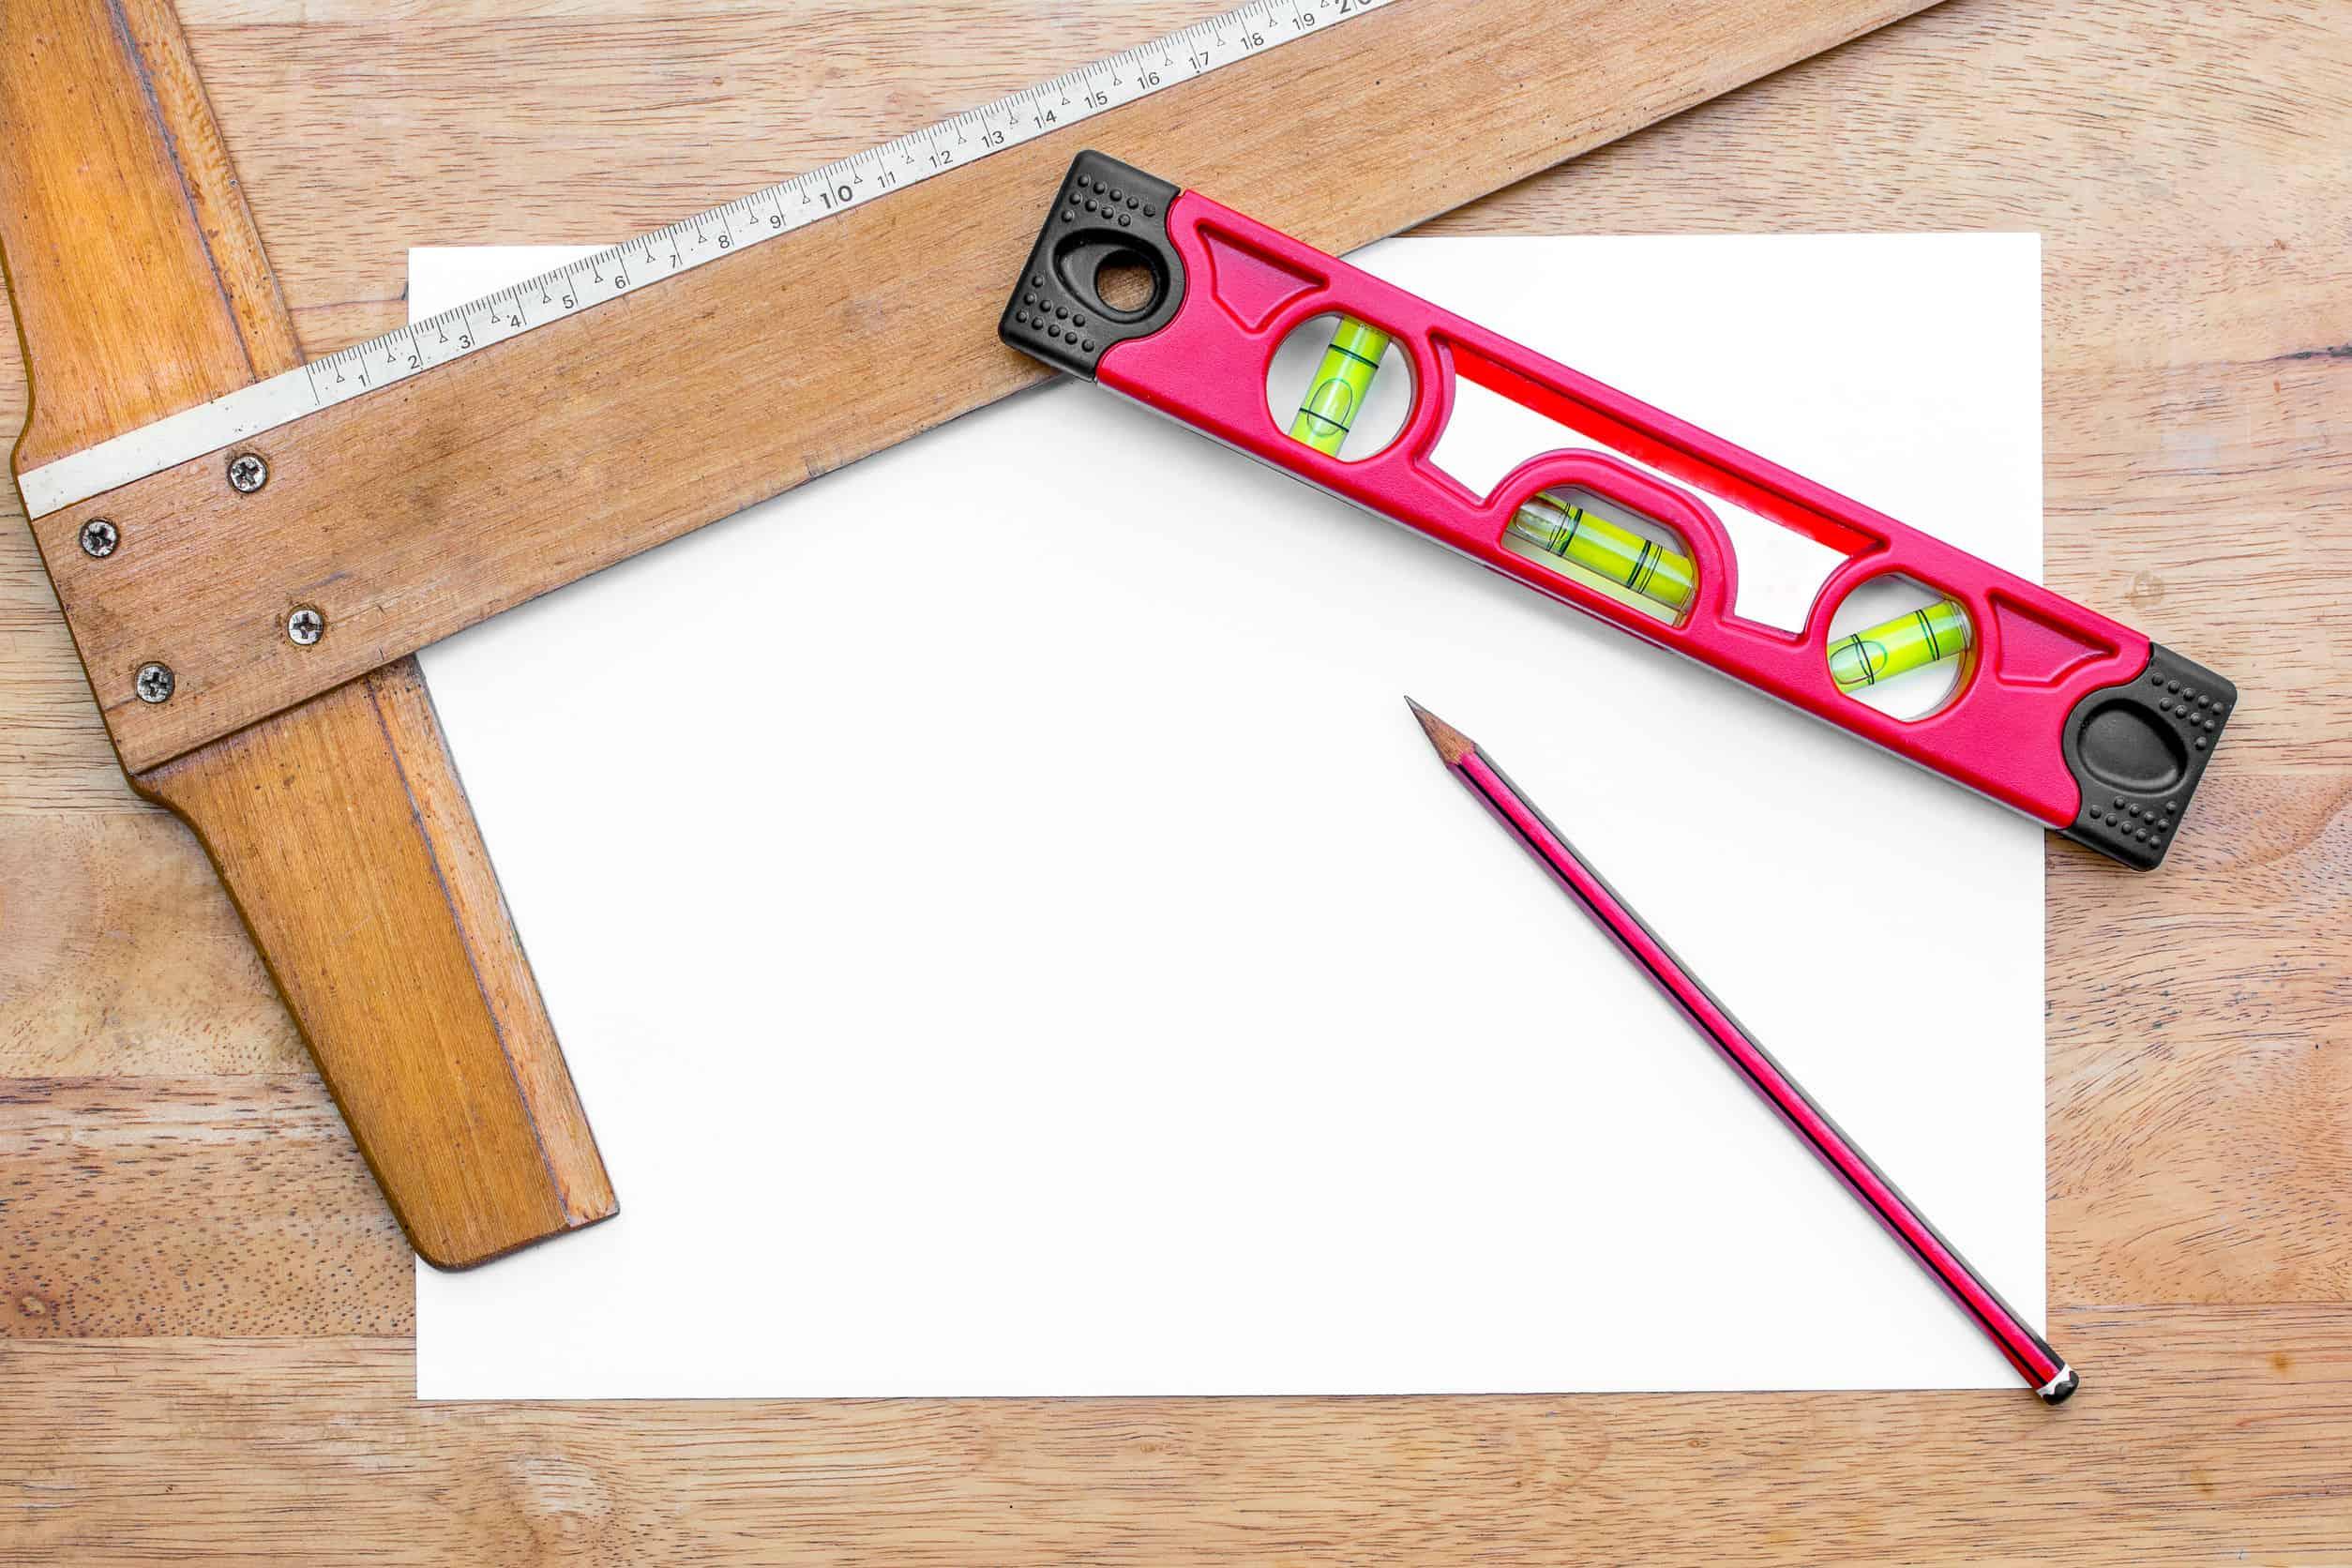 Uma régua T, uma régua comum de plástico, um lápis e uma folha. Tudo está em cima de uma superfície de madeira.